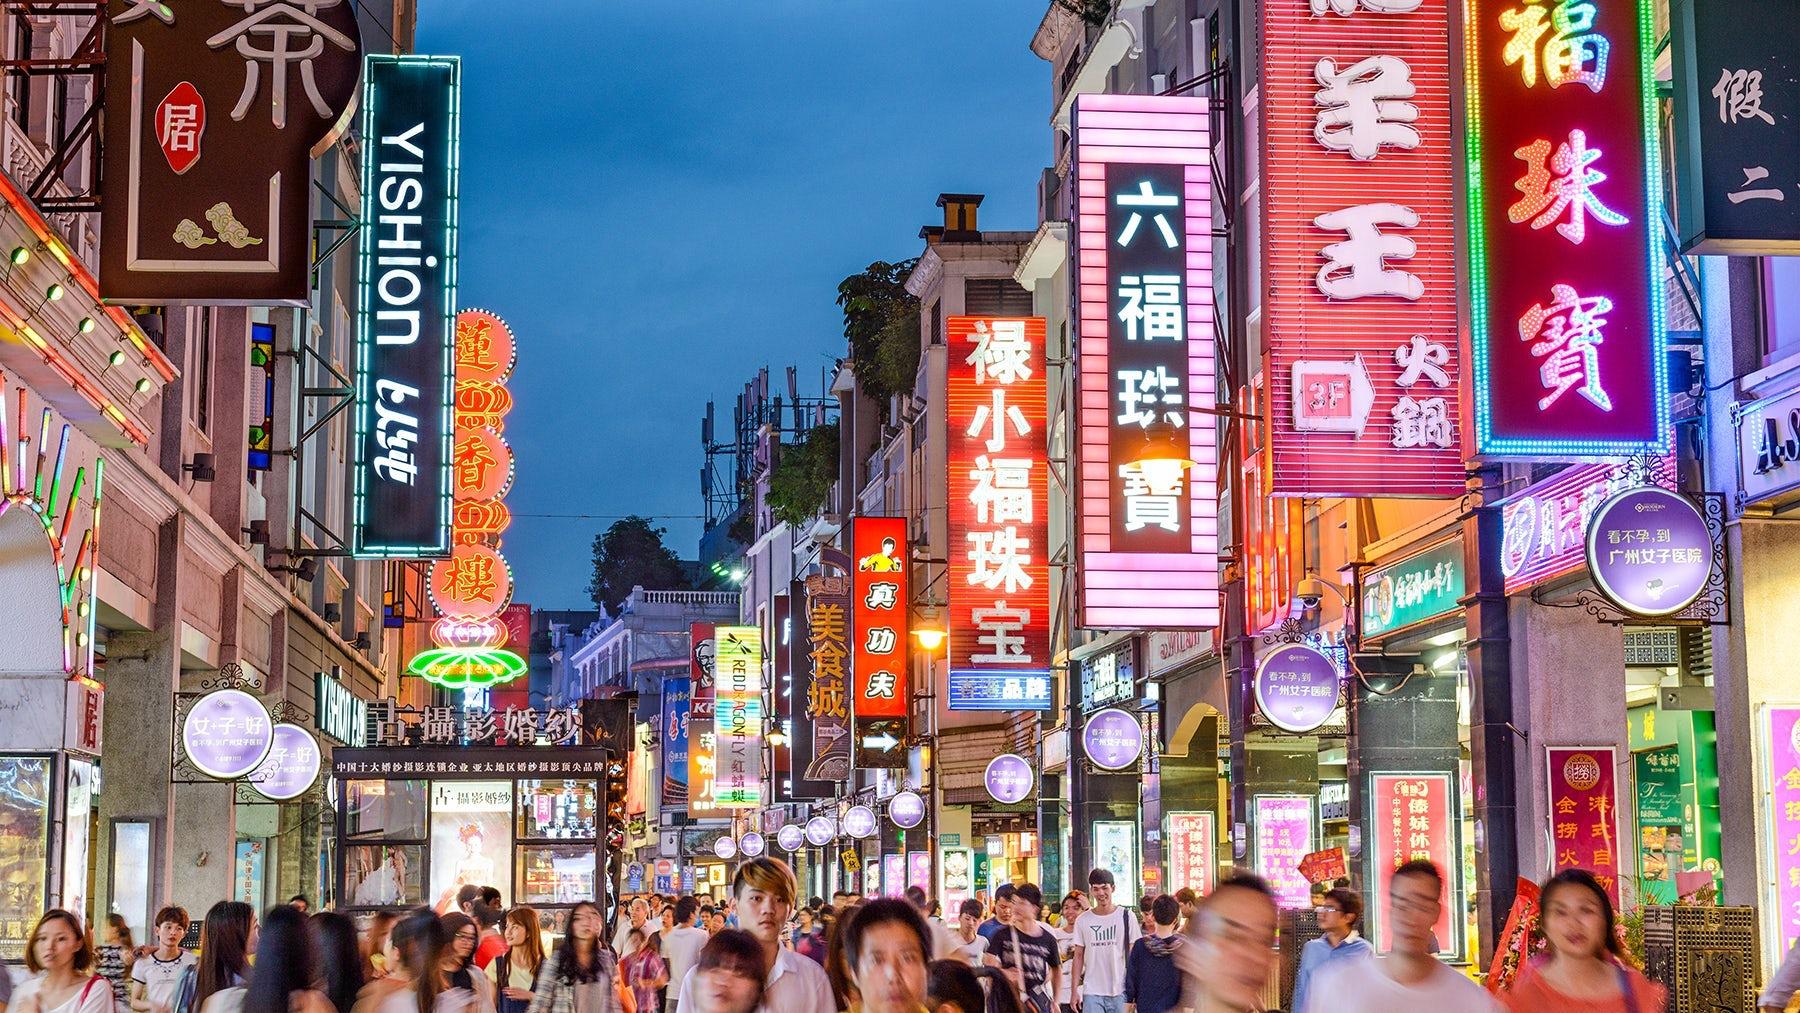 Shoppers on Shangxiajiu Pedestrian Street, a shopping district in Guangzhou, China. Shutterstock.